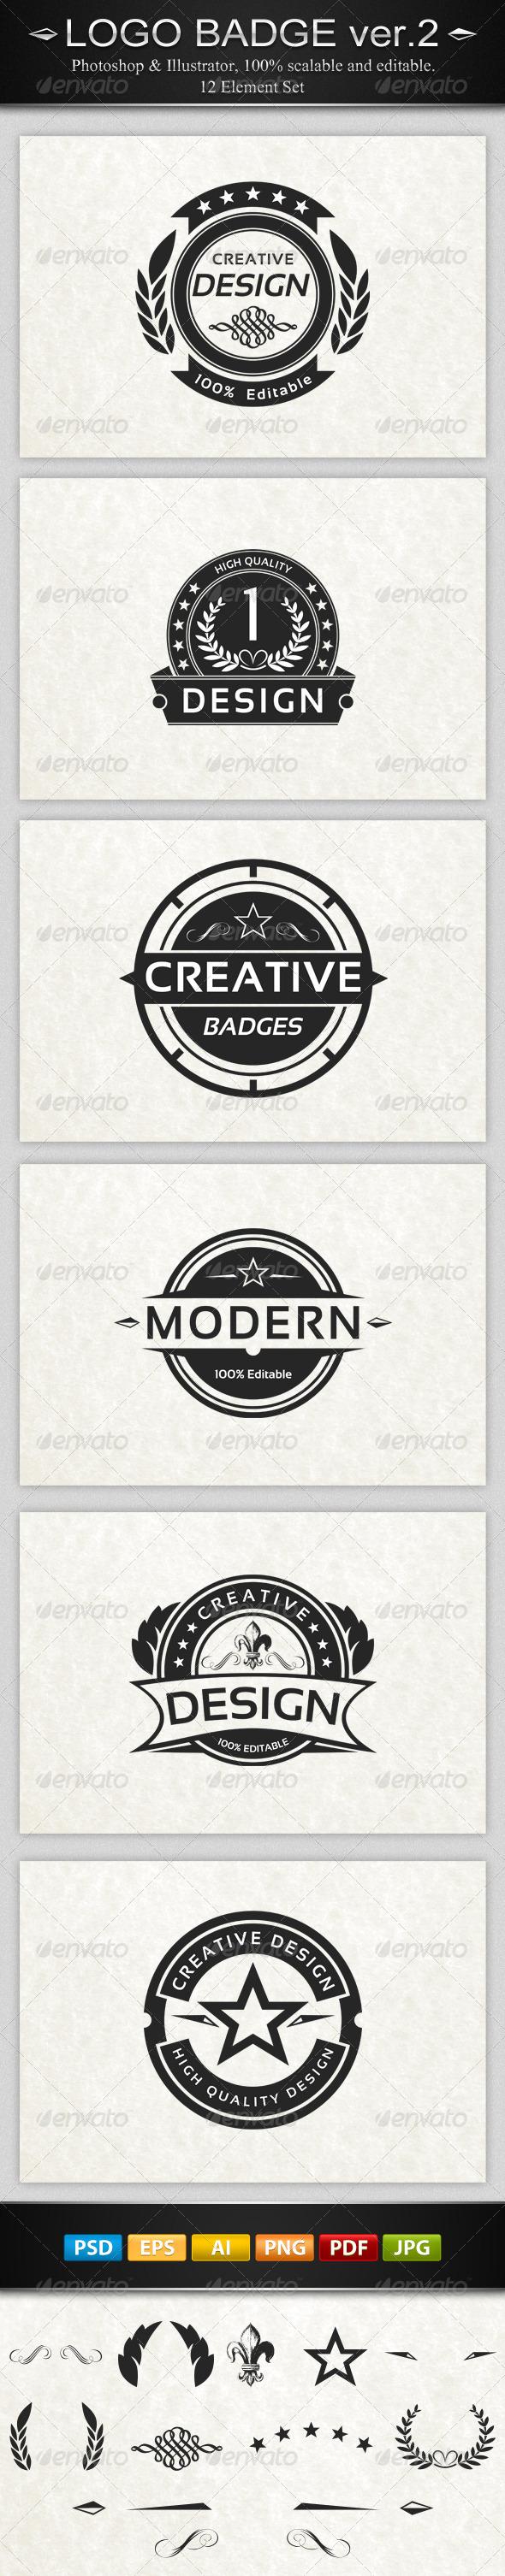 6 Vintage Logo Badges ver.2 - Badges & Stickers Web Elements